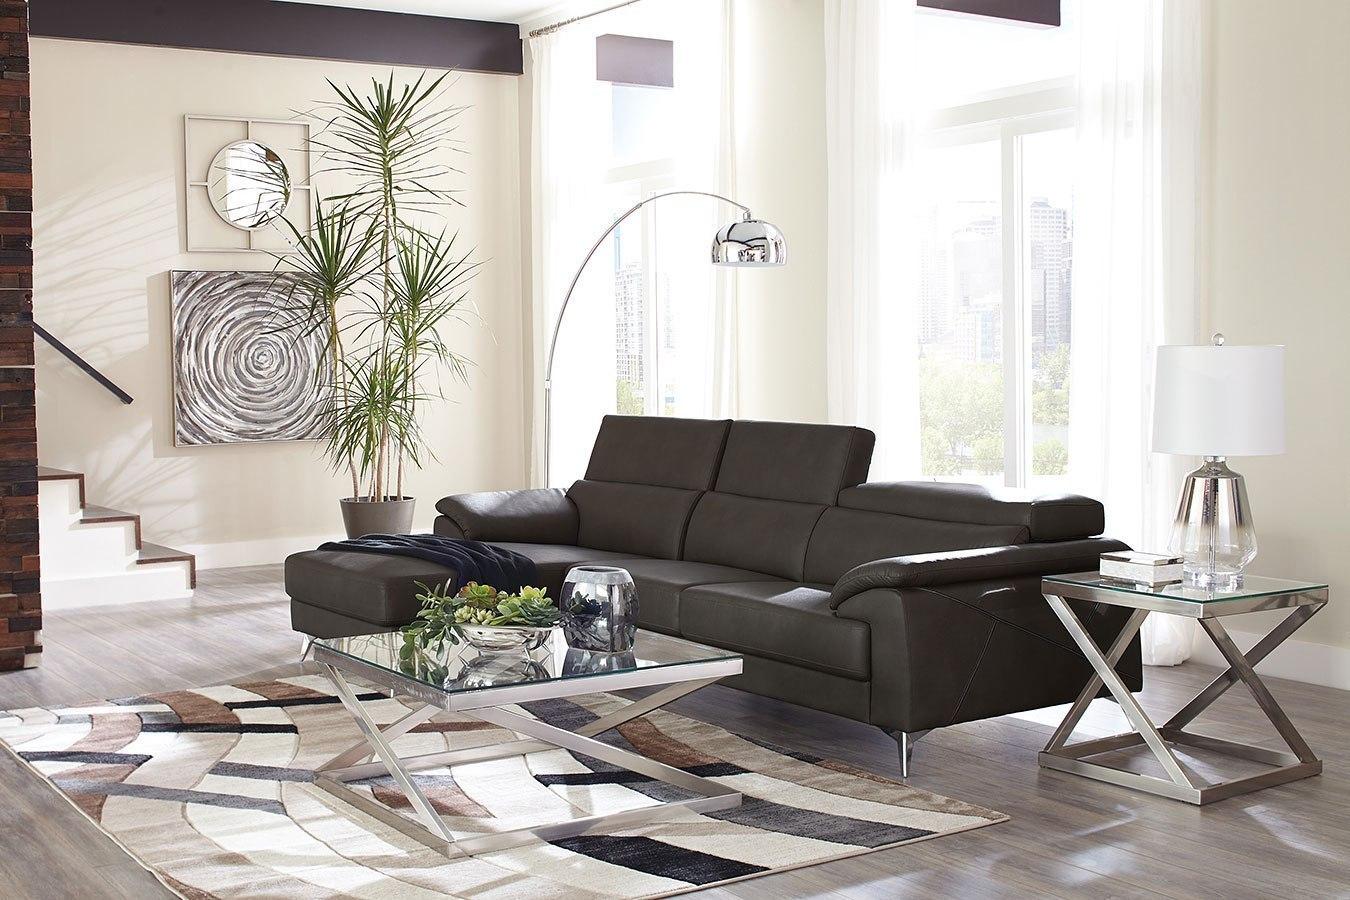 tindell gray modular sectional set living room furniture living. Black Bedroom Furniture Sets. Home Design Ideas